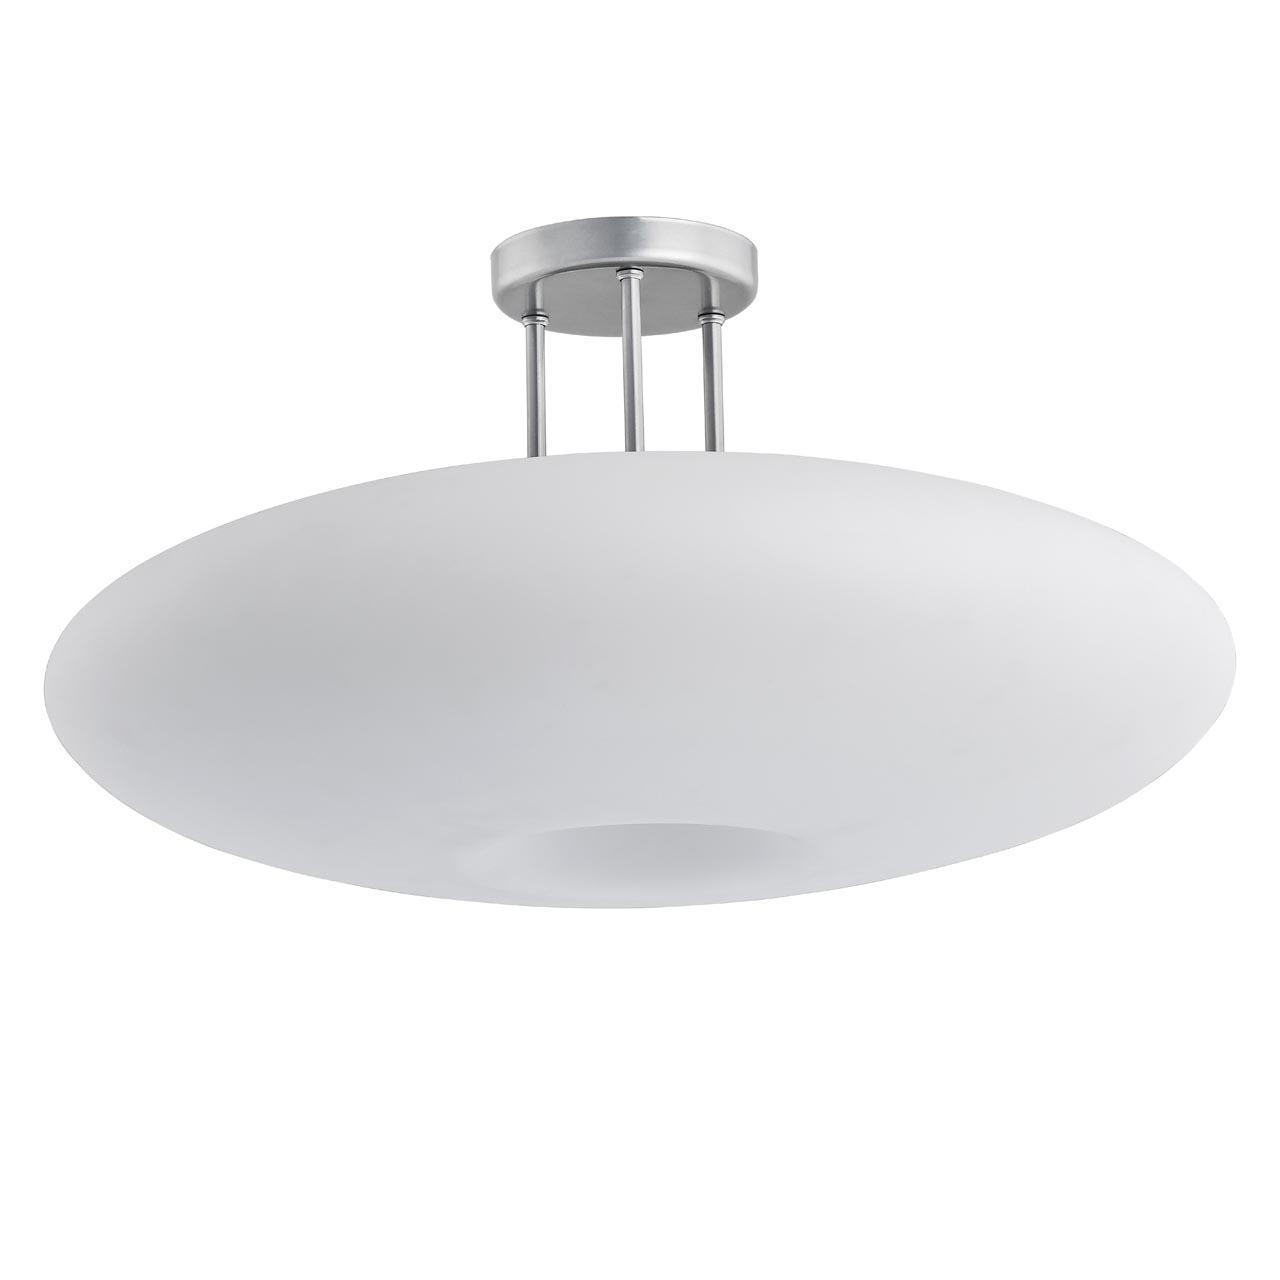 Подвесной светодиодный светильник TK Lighting 892 Gala Led tk lighting подвесной светодиодный светильник tk lighting 892 gala led